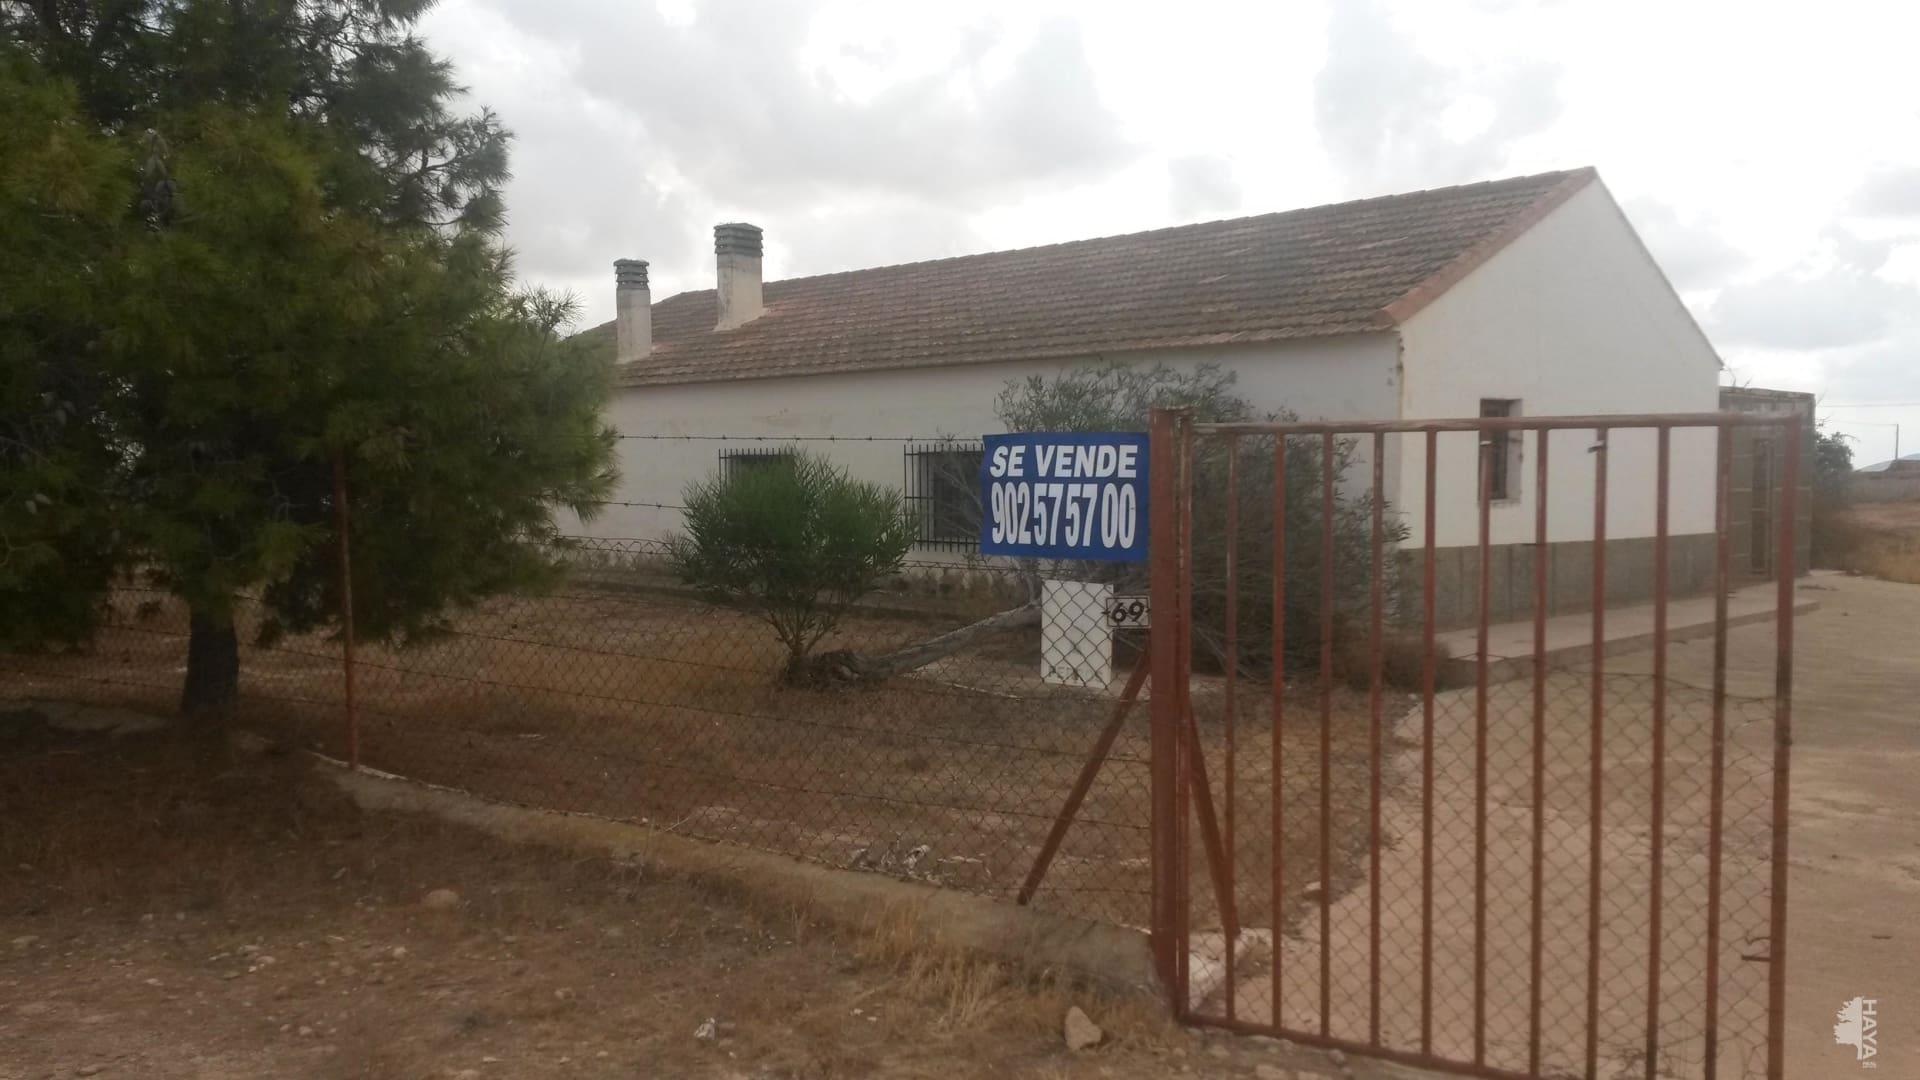 Casa en venta en Pedanía de Valladolises Y Lo Jurado, Fuente Álamo de Murcia, Murcia, Lugar Arcos (los), 59.800 €, 3 habitaciones, 1 baño, 127 m2